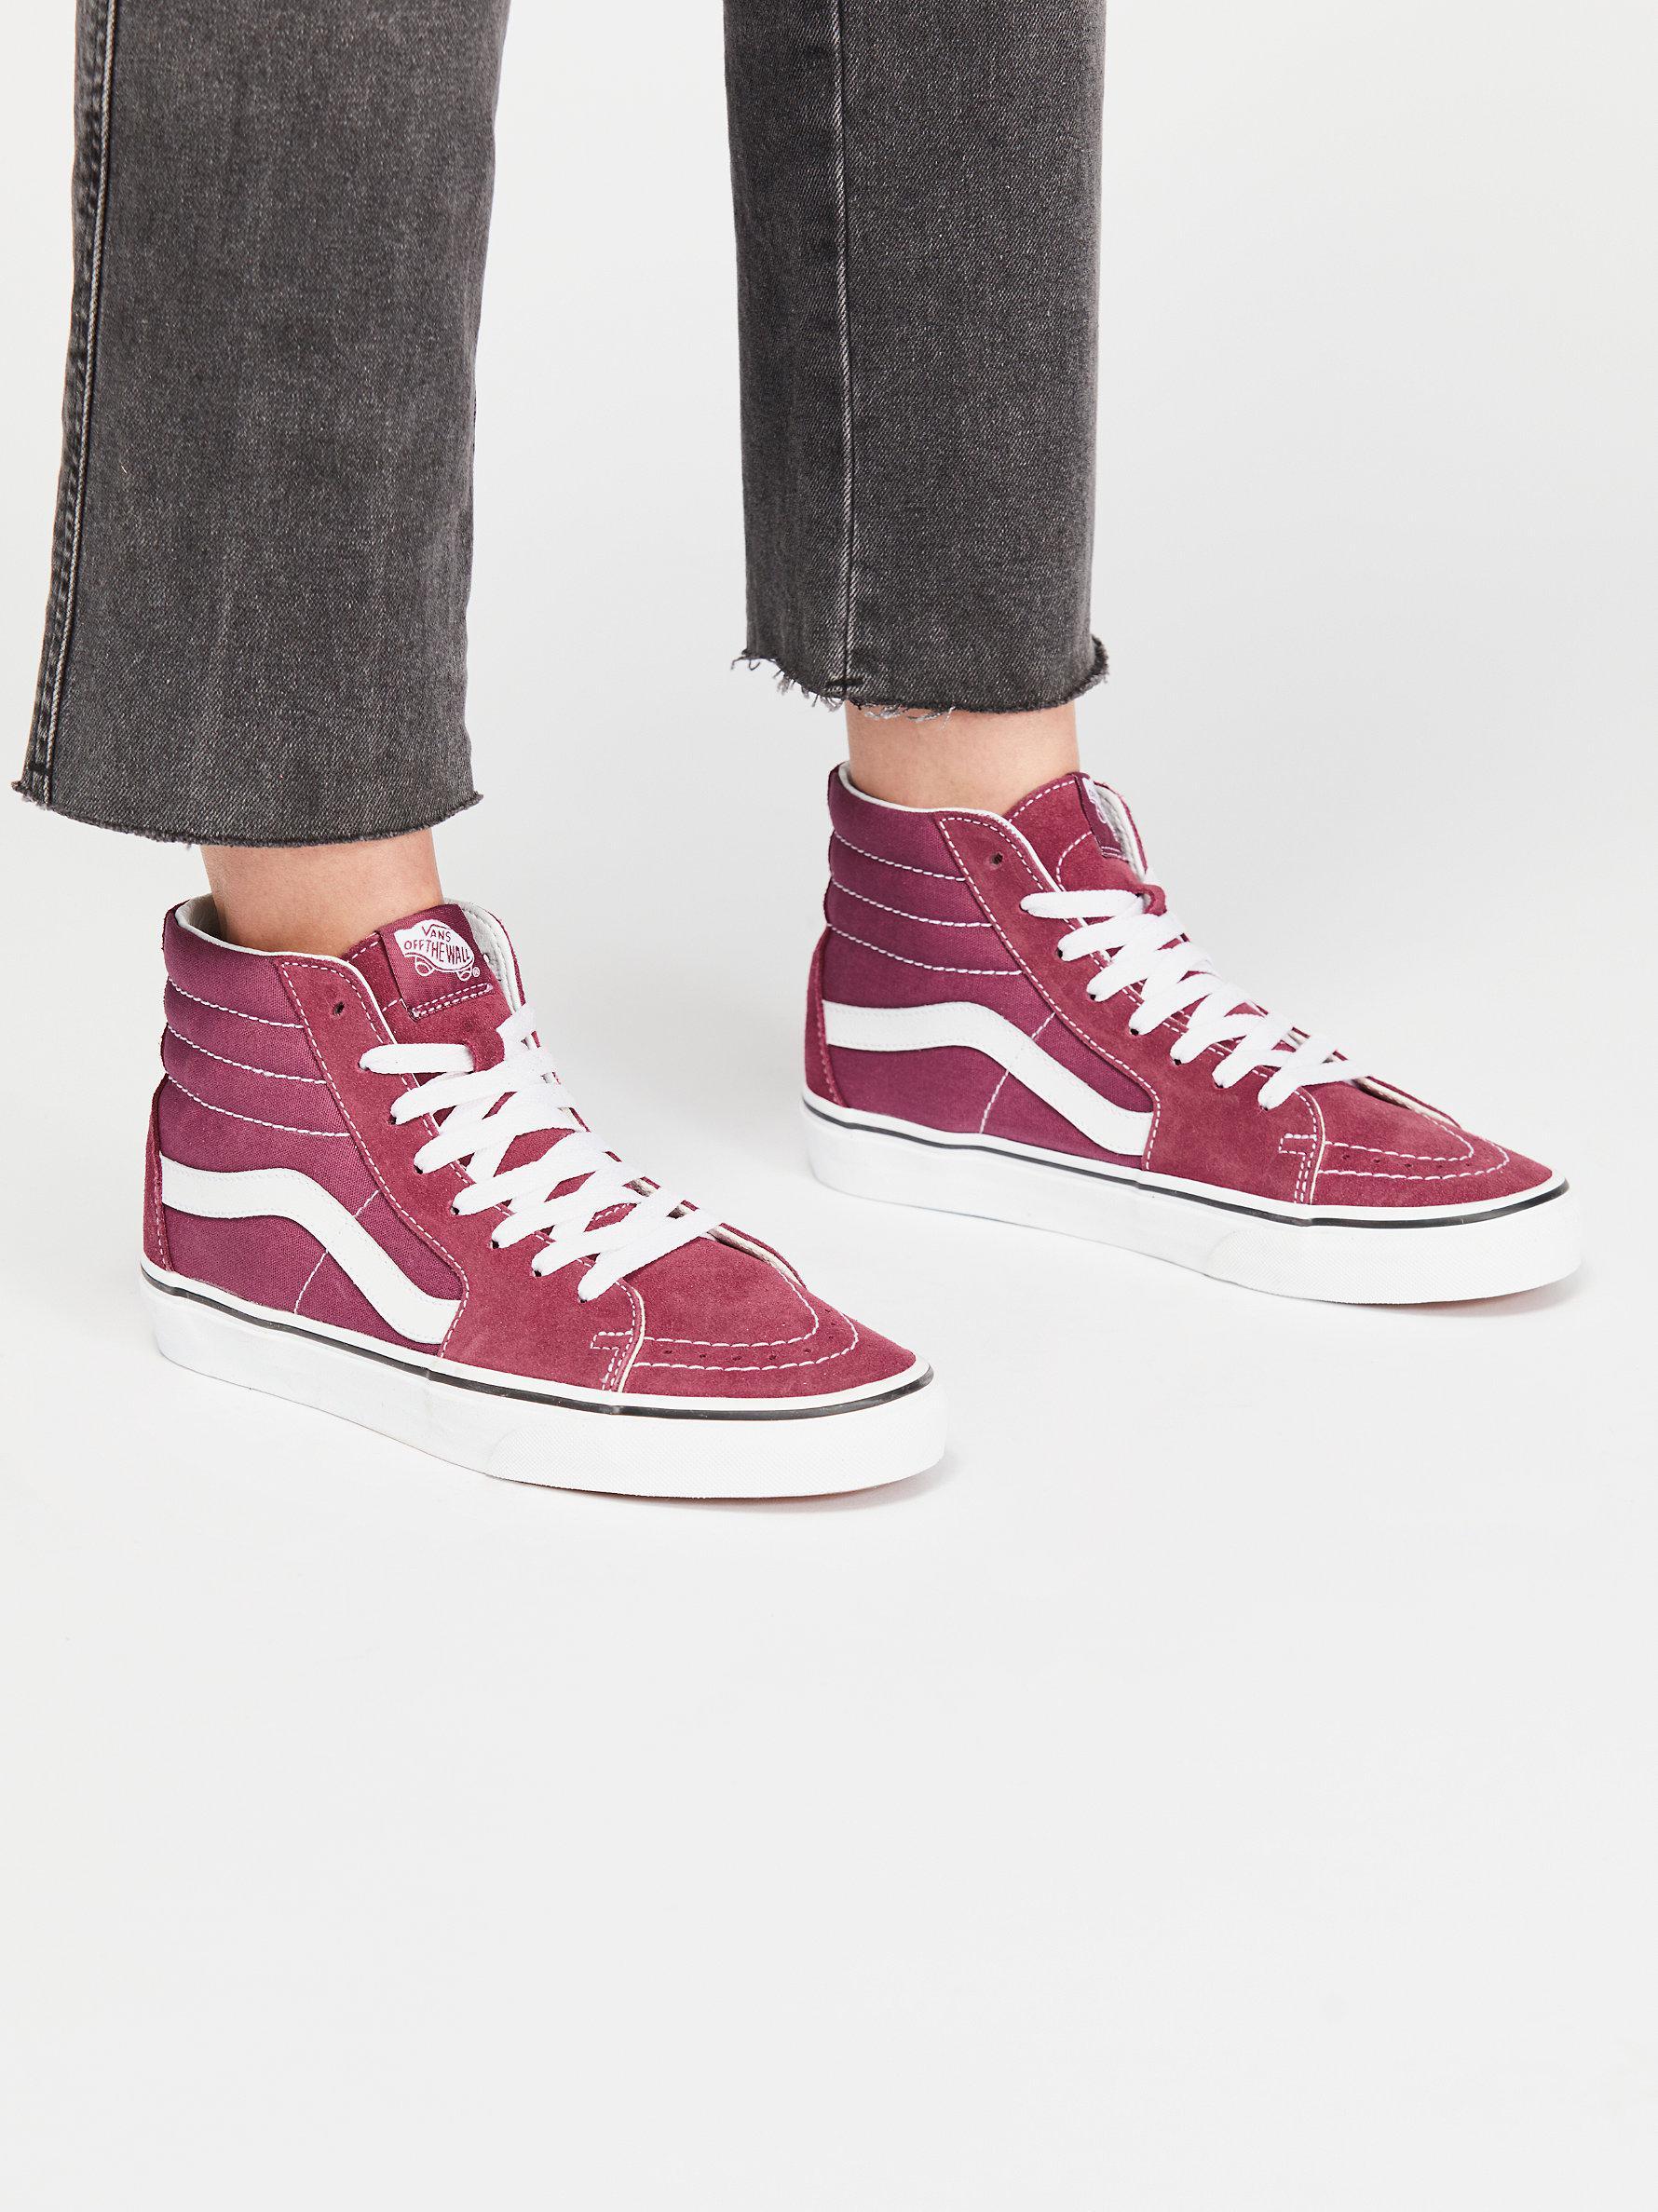 82e48dff5d77bb Lyst - Free People Vans Sk8-hi Top Sneaker in Pink